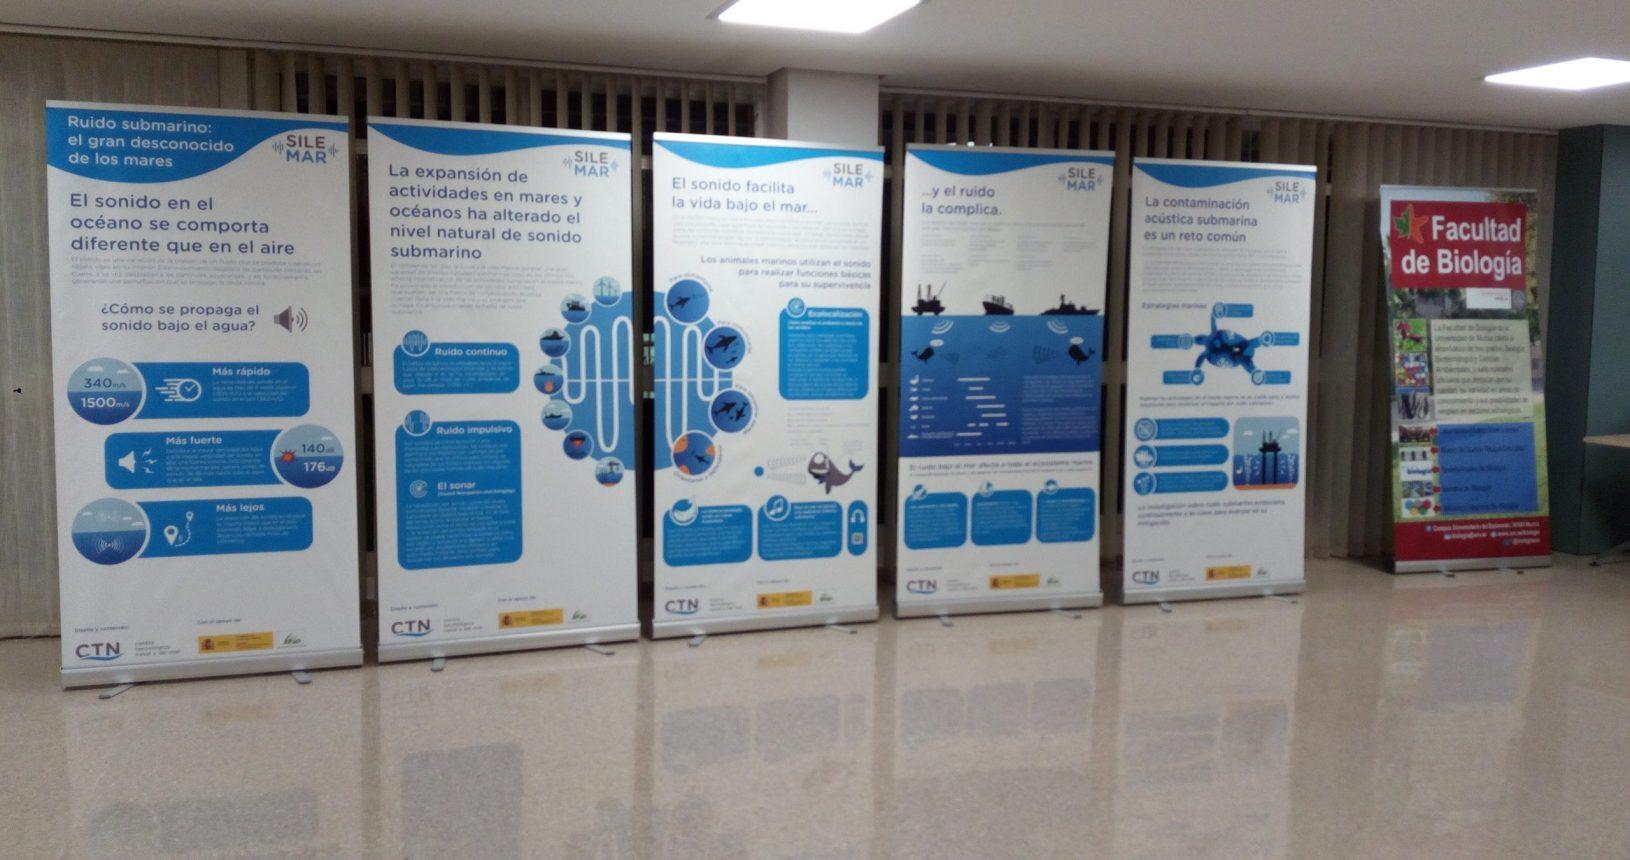 Exposición SILEMAR - Facultad de Biología (UMU)